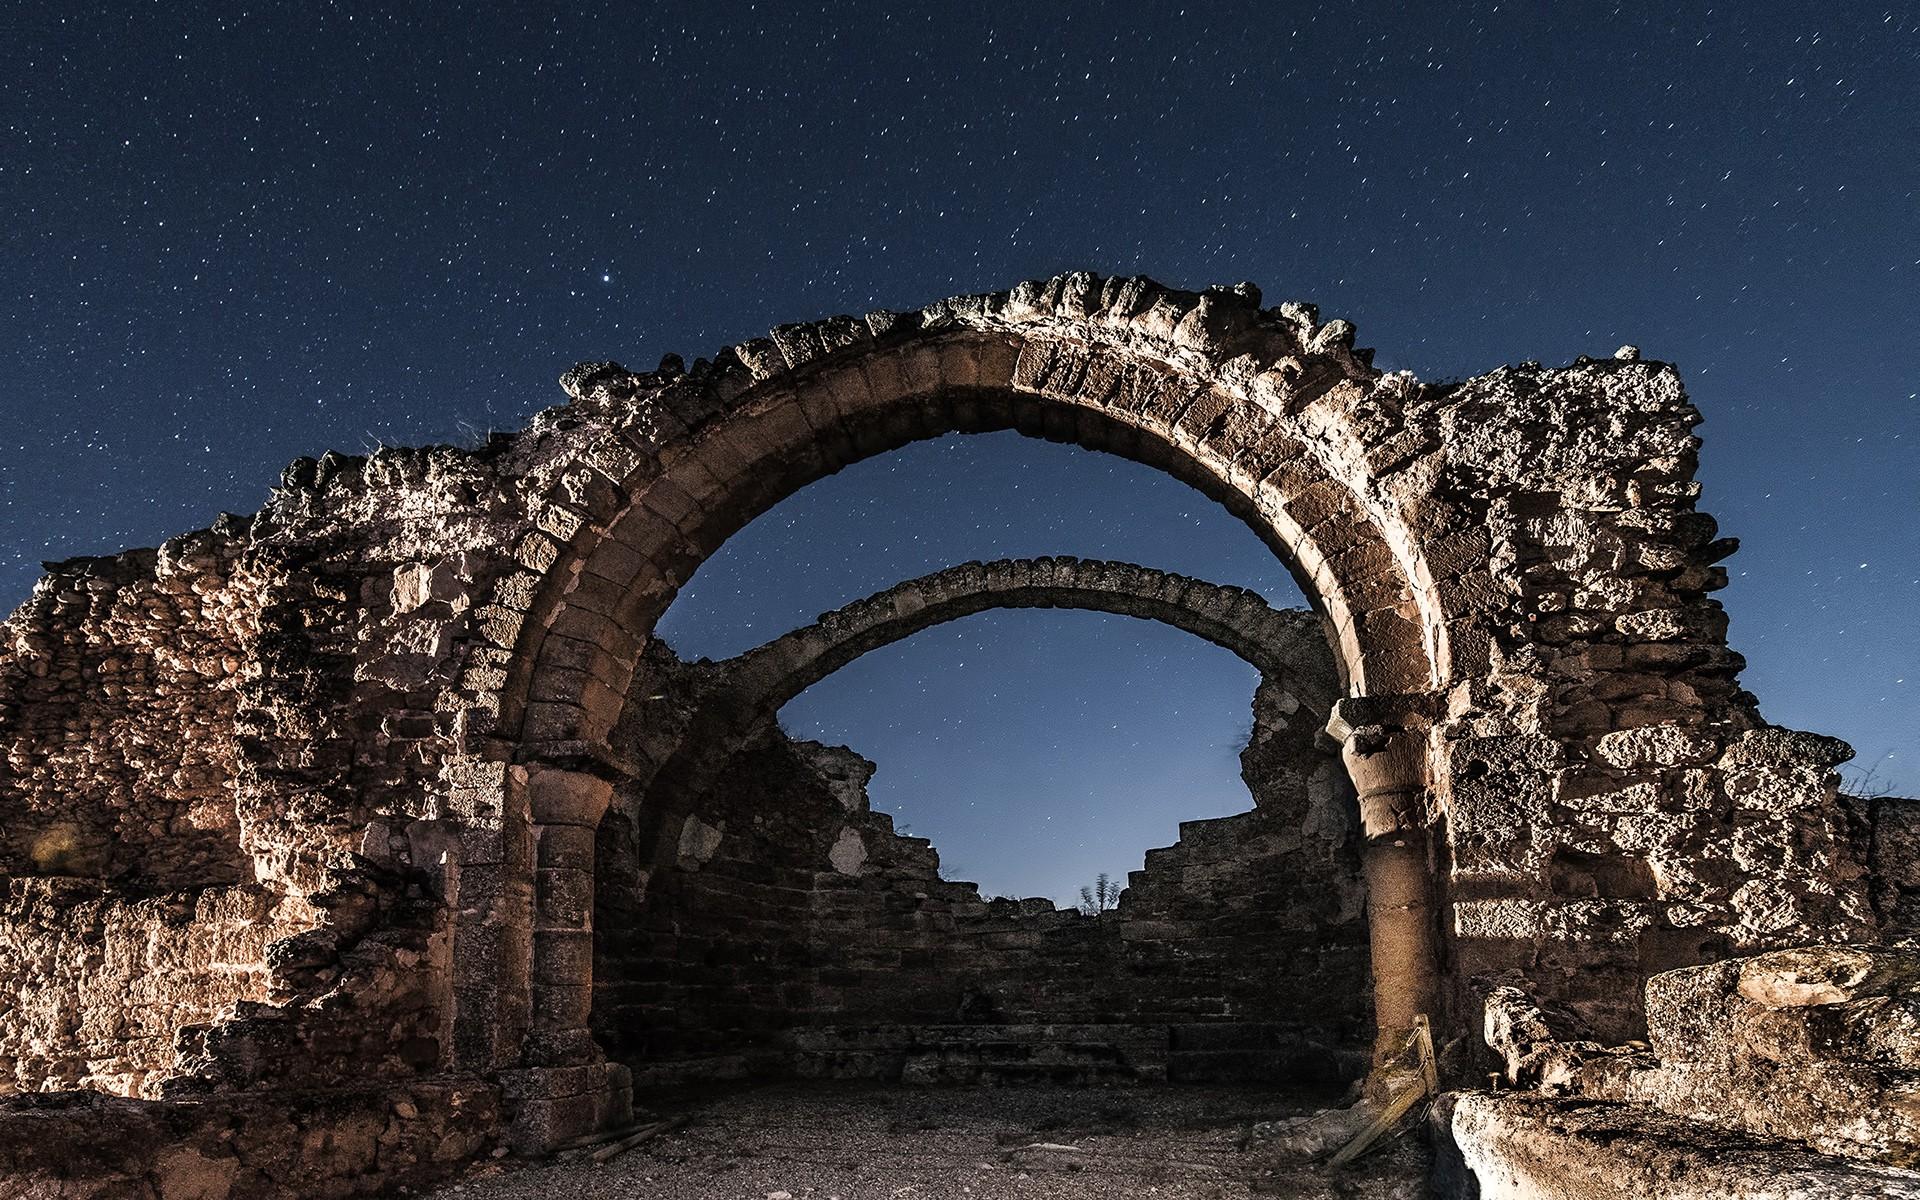 старинные руины фото черный цвет парки